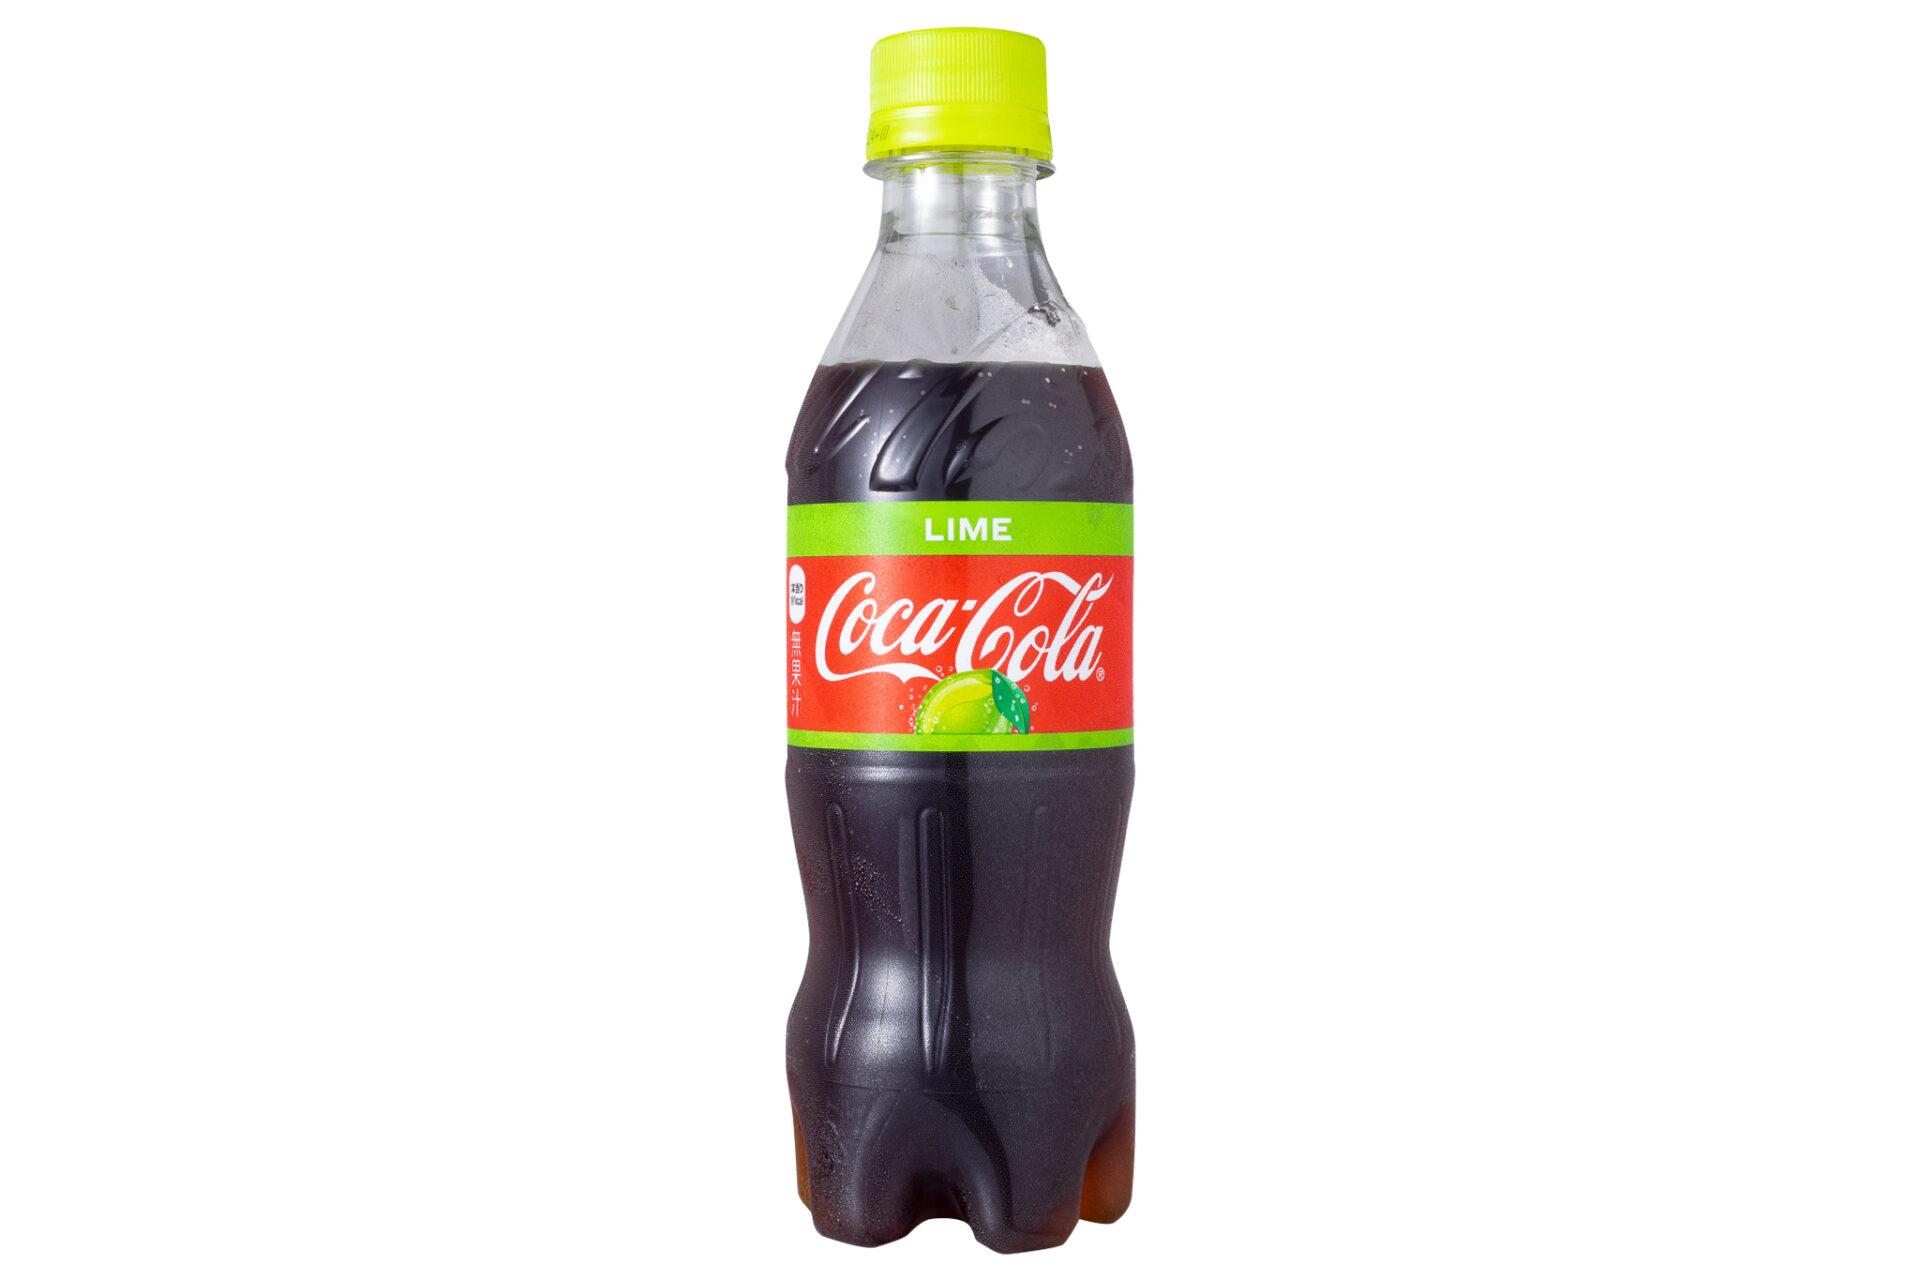 コカ・コーラ『コカ・コーラ ライム』